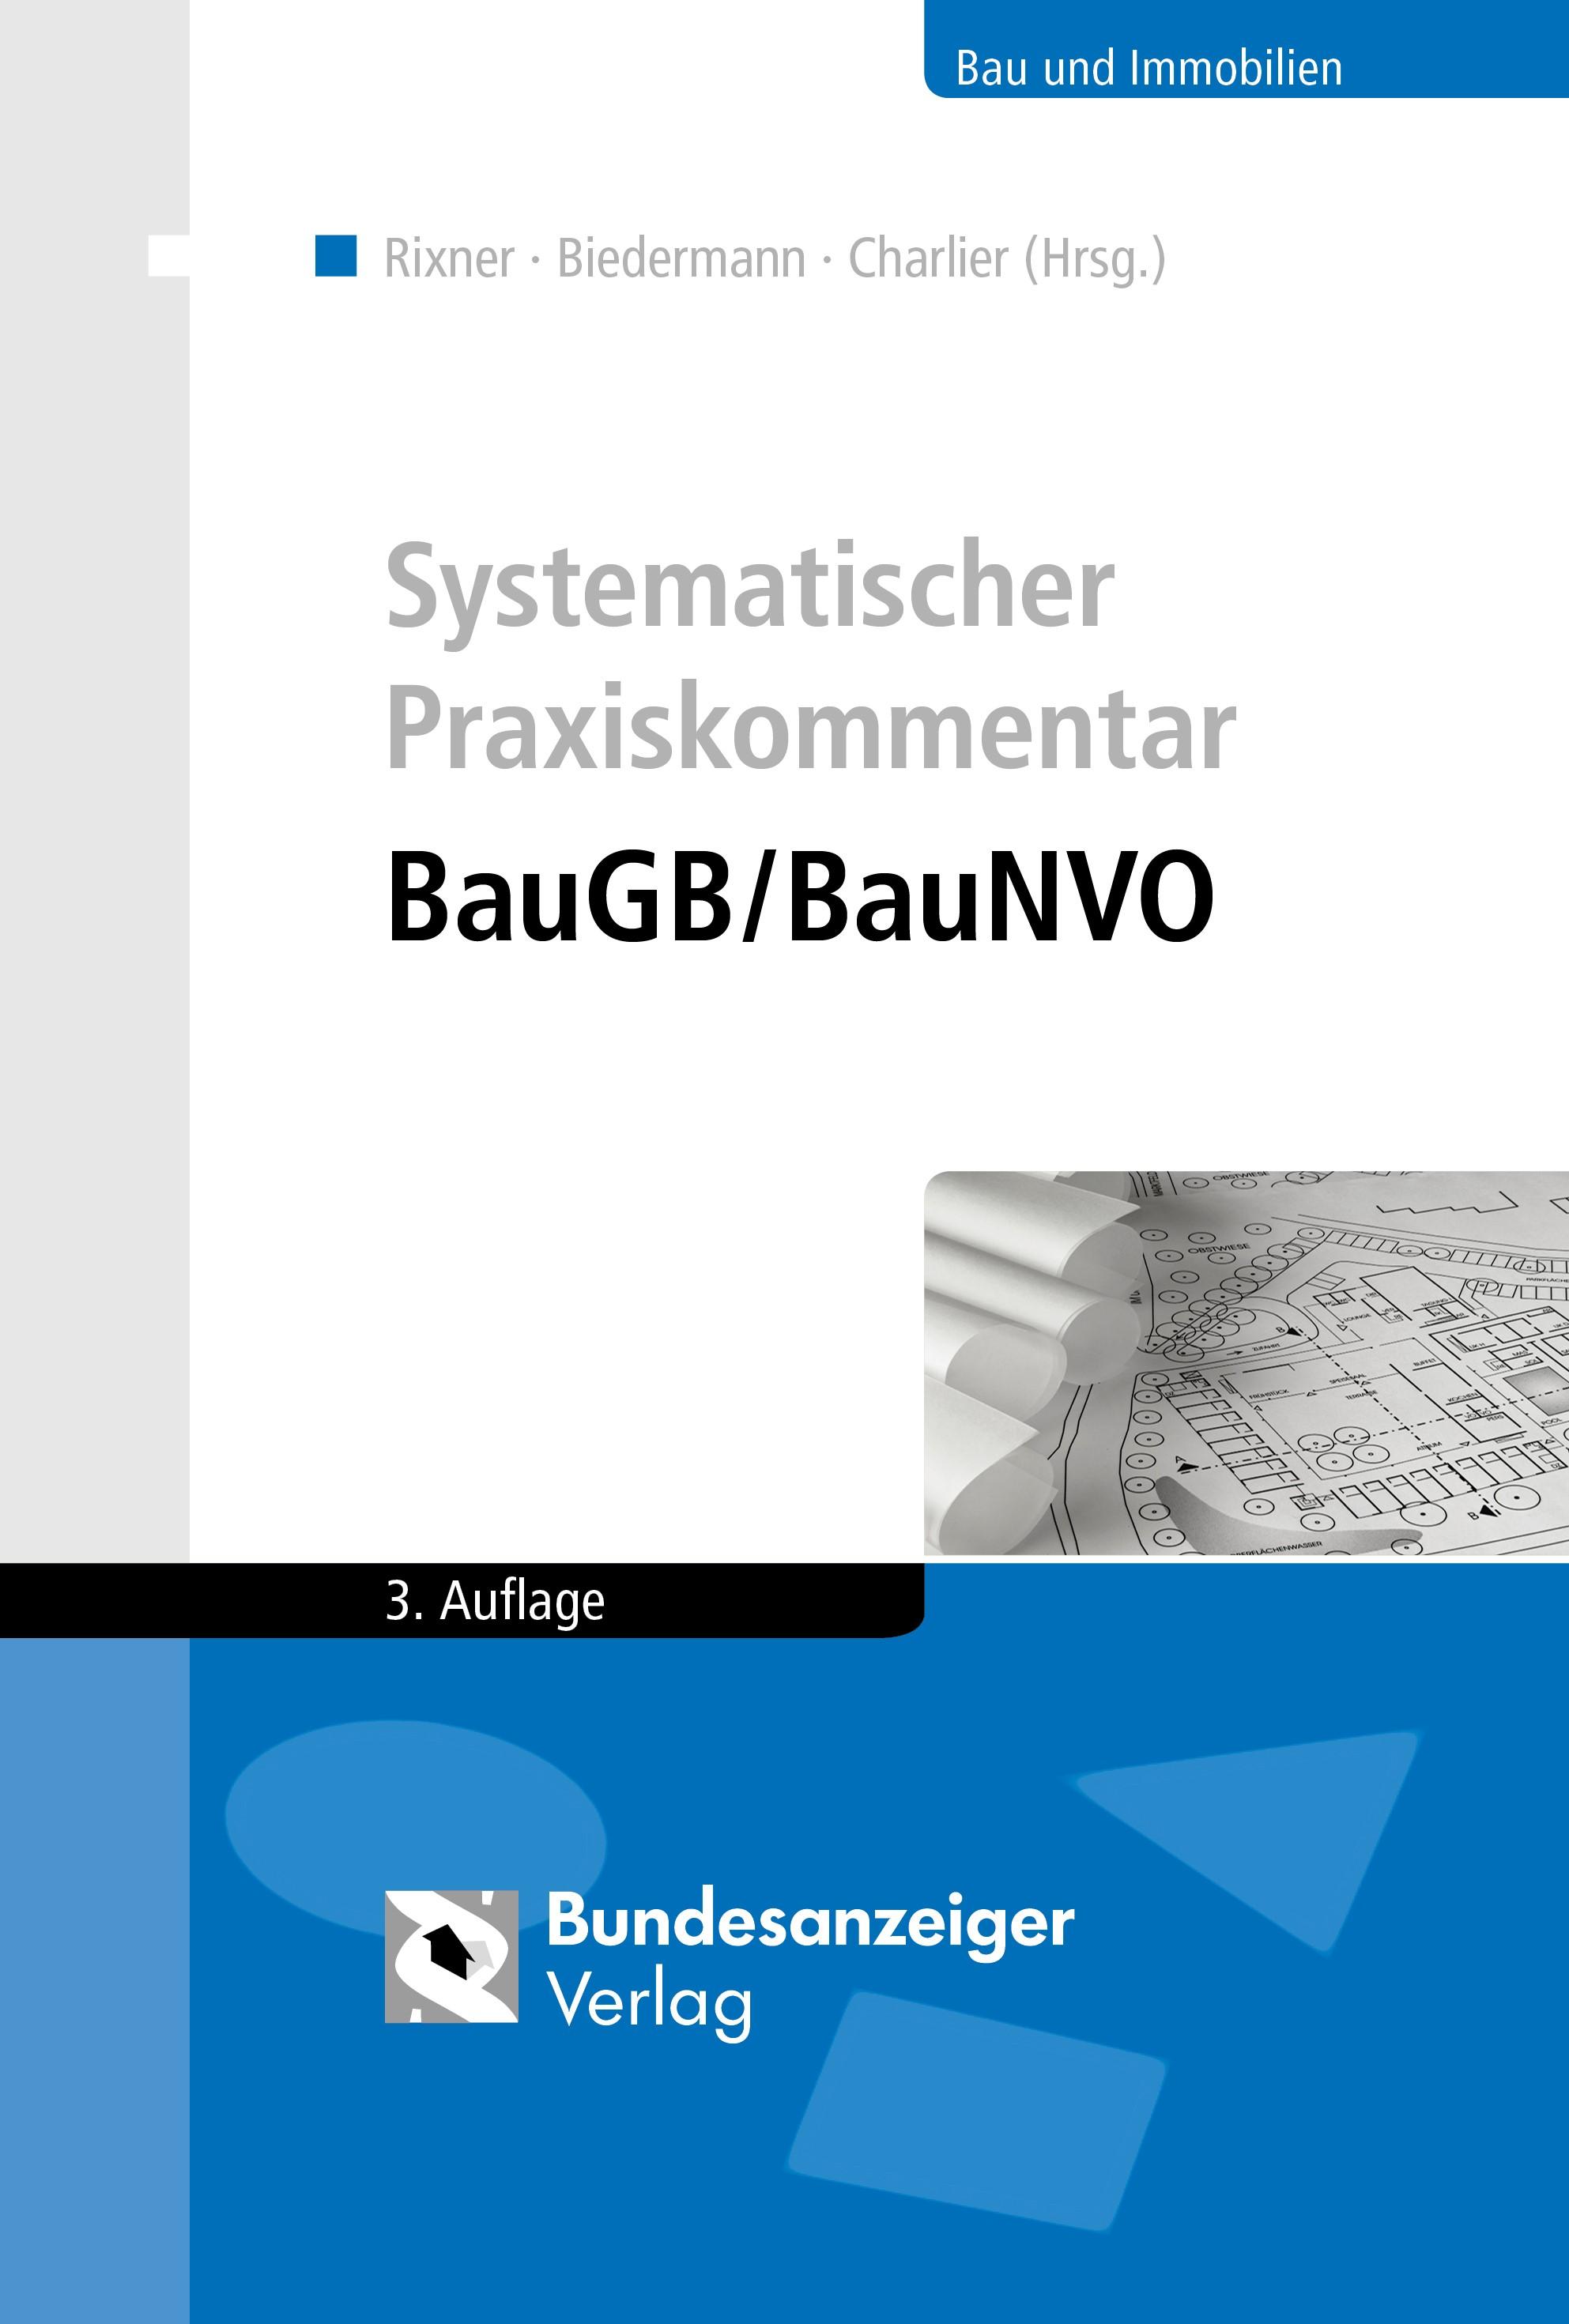 Systematischer Praxiskommentar BauGB/BauNVO | Rixner / Biedermann / Steger (Hrsg.) | 3., überarbeitete und aktualisierte Auflage, 2017 | Buch (Cover)